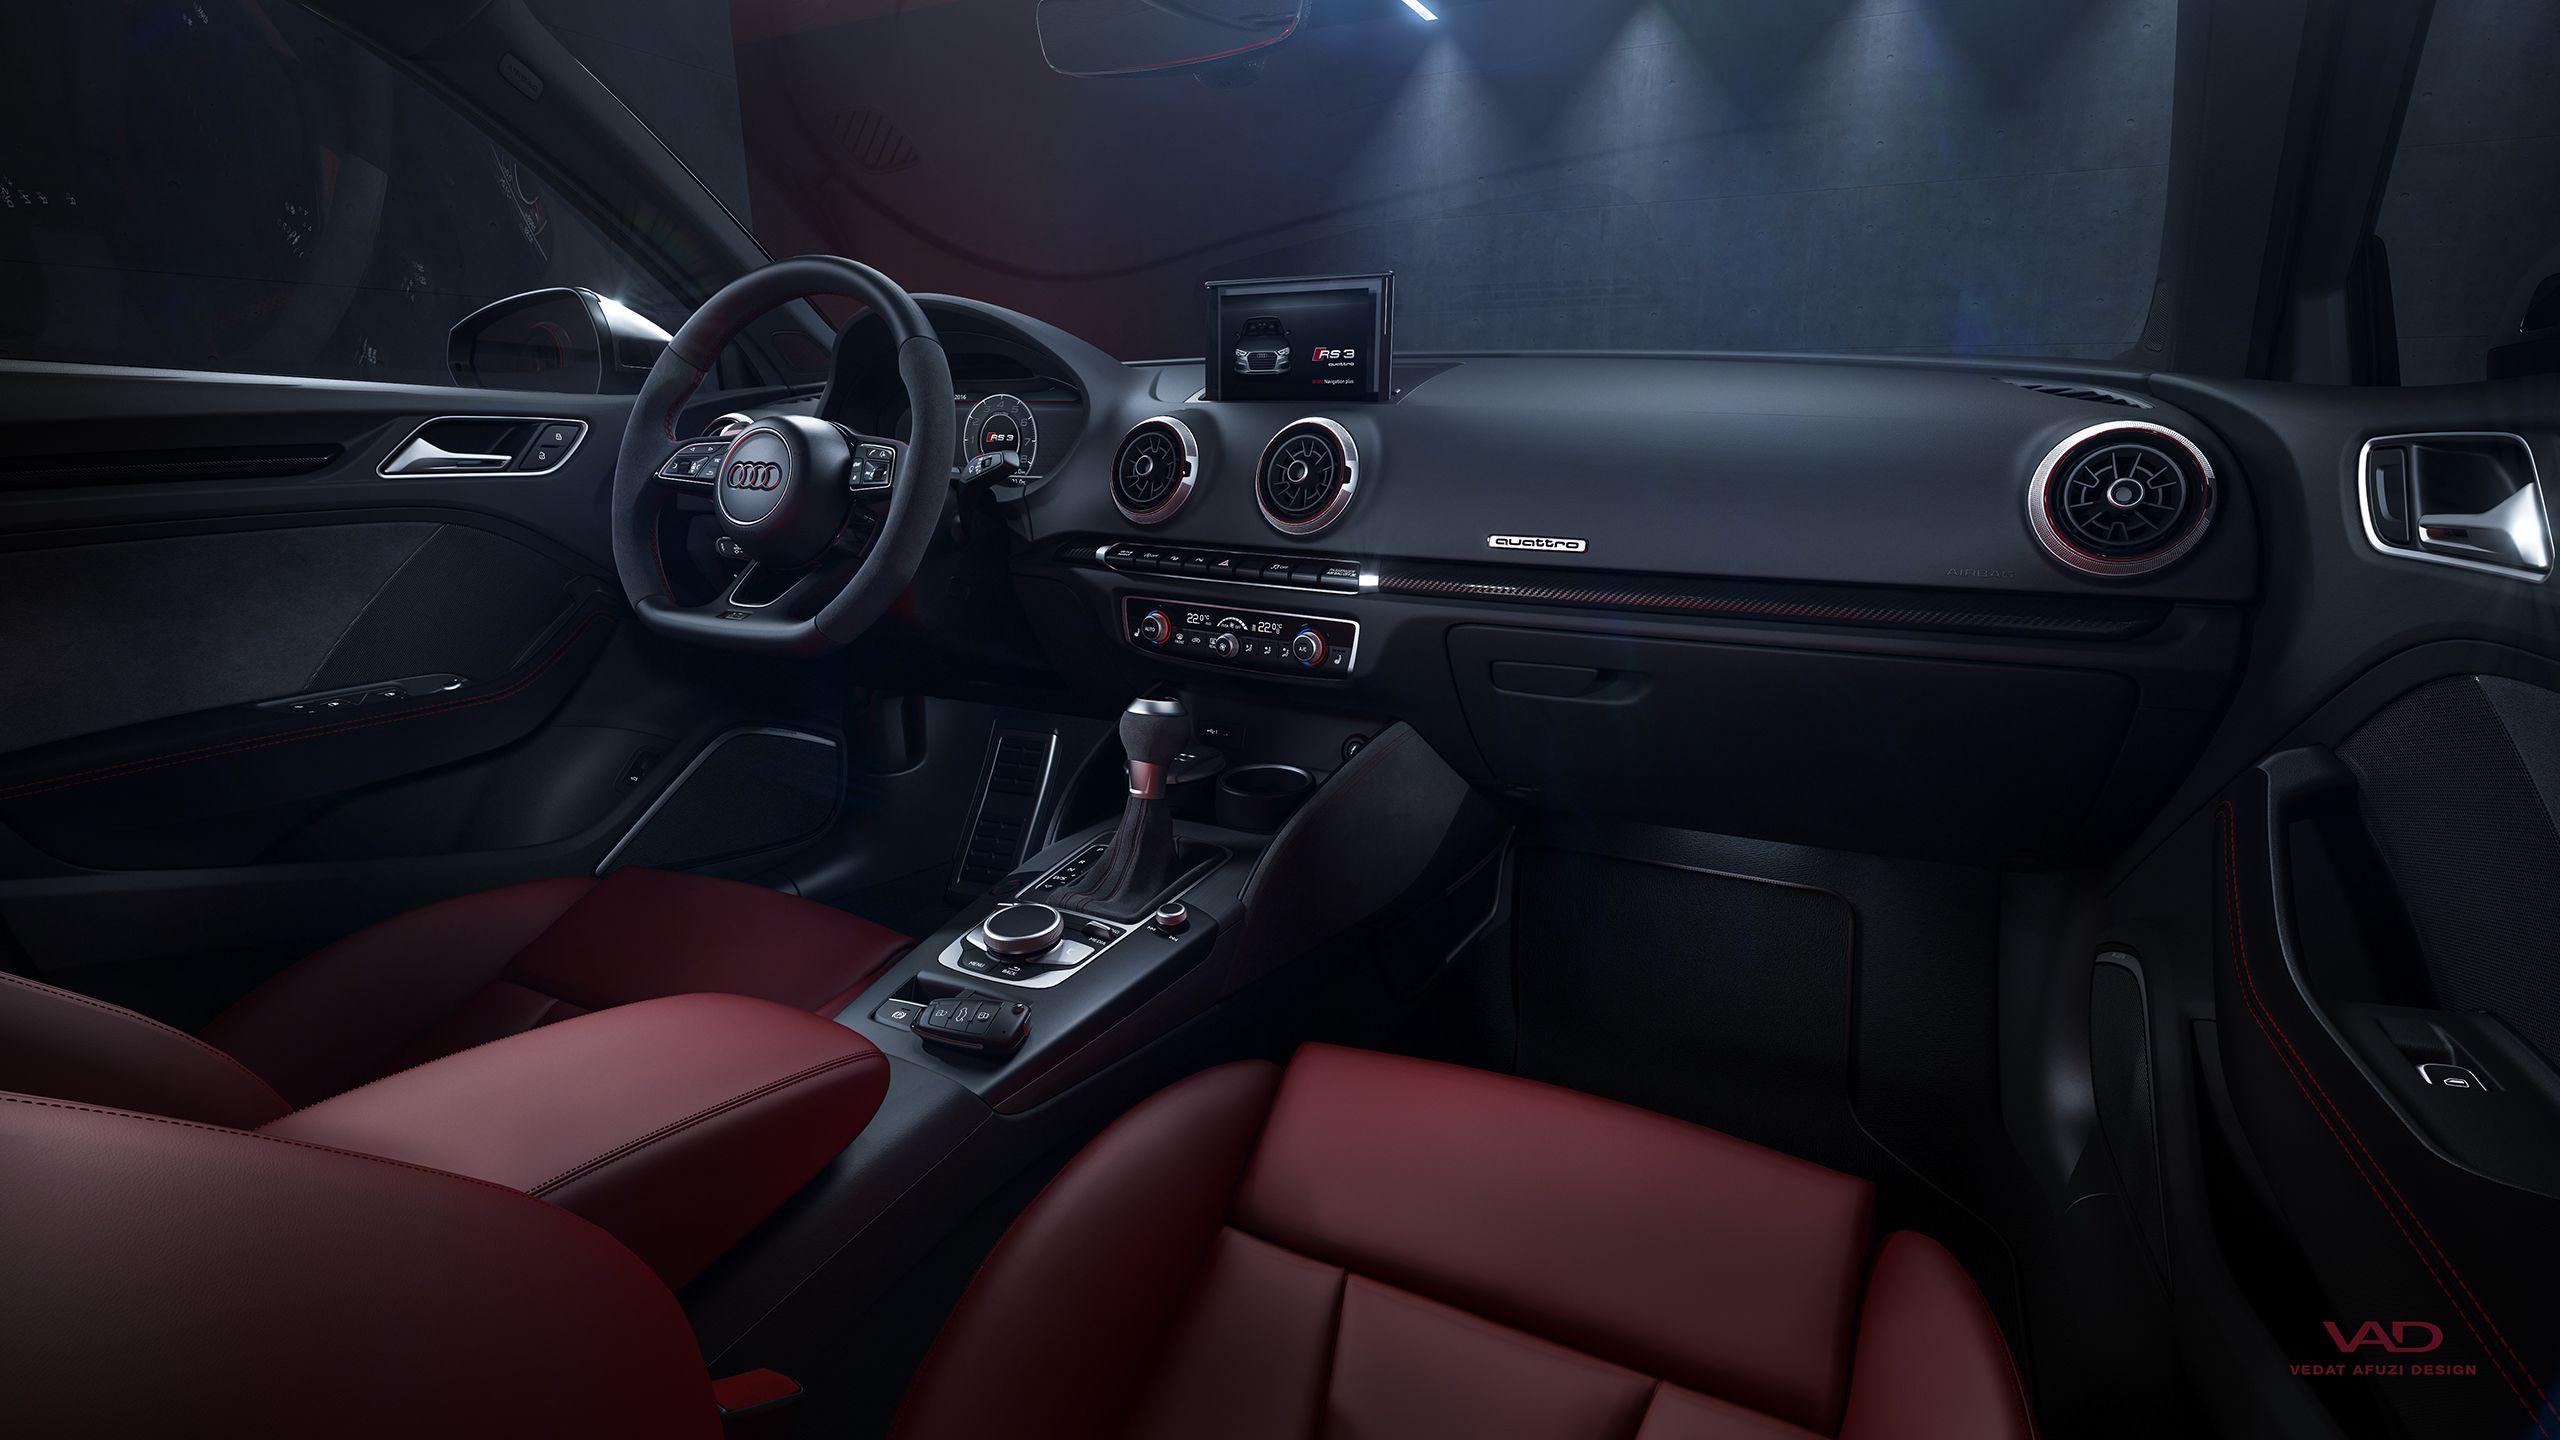 Audi Rs3 Sedan Interior On Behance Audi Rs3 Sedan Rs3 Sedan Audi Rs3